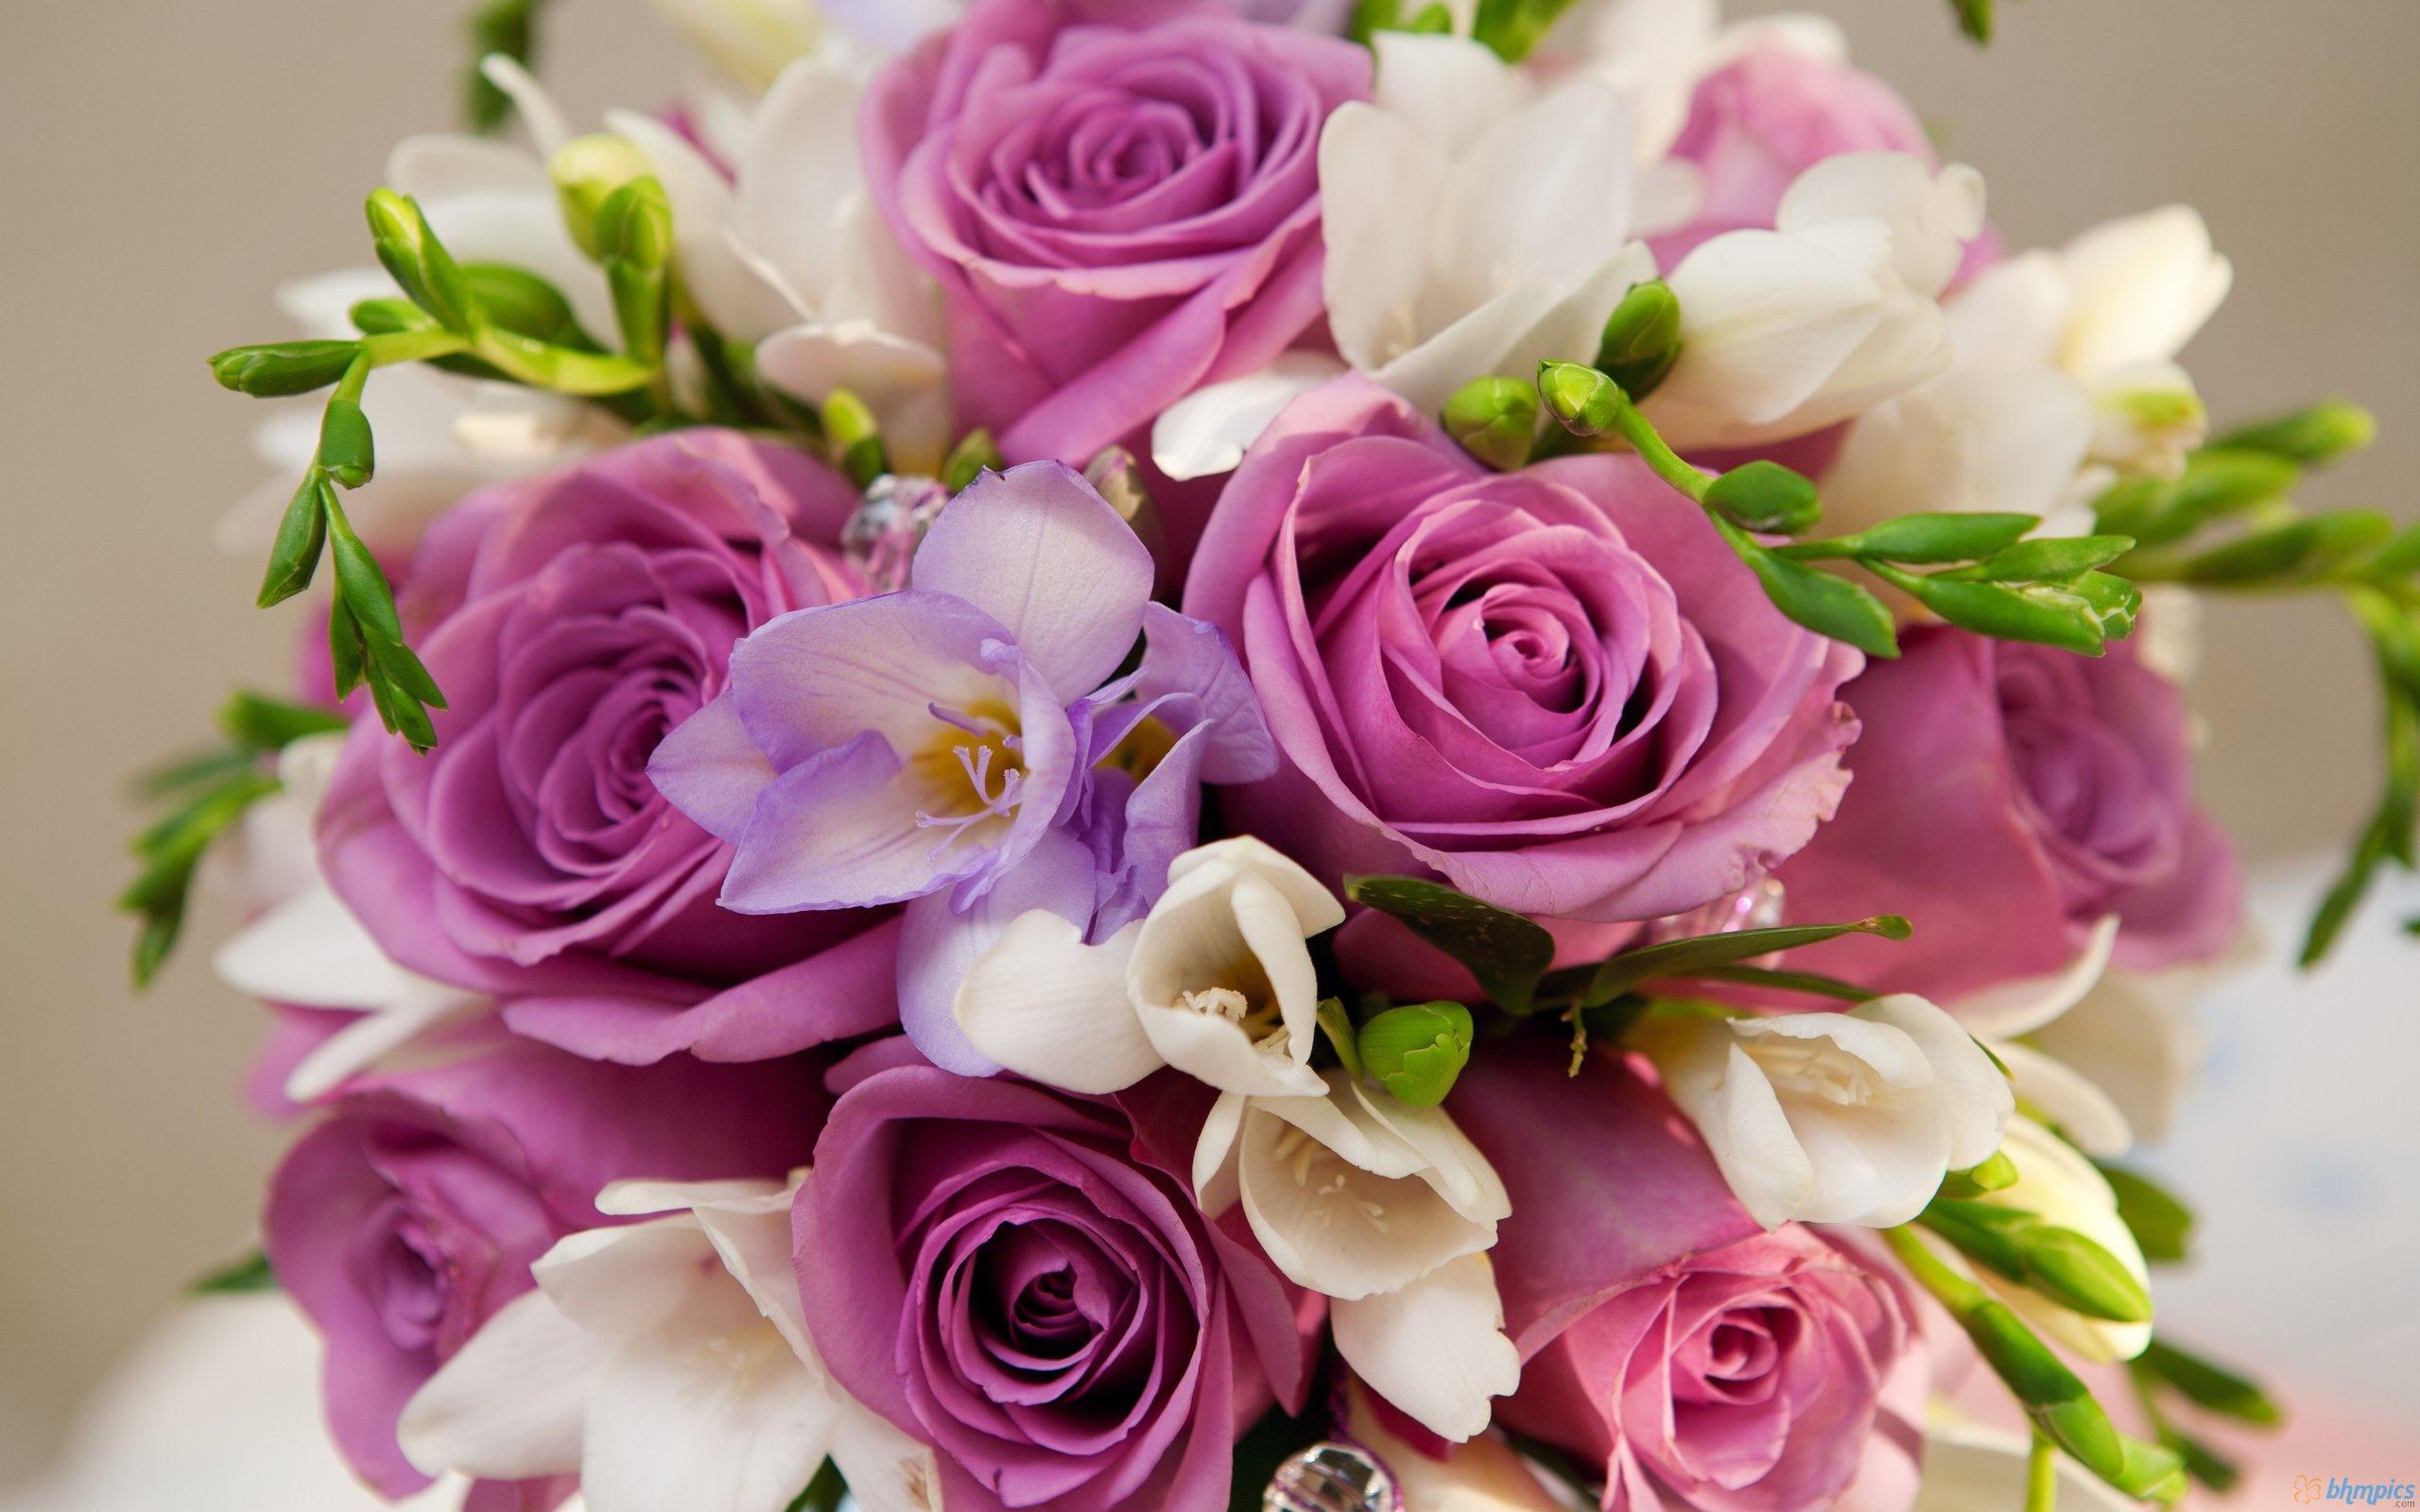 بالصور صور اجمل الورود , صور ورود روعه 1280 8